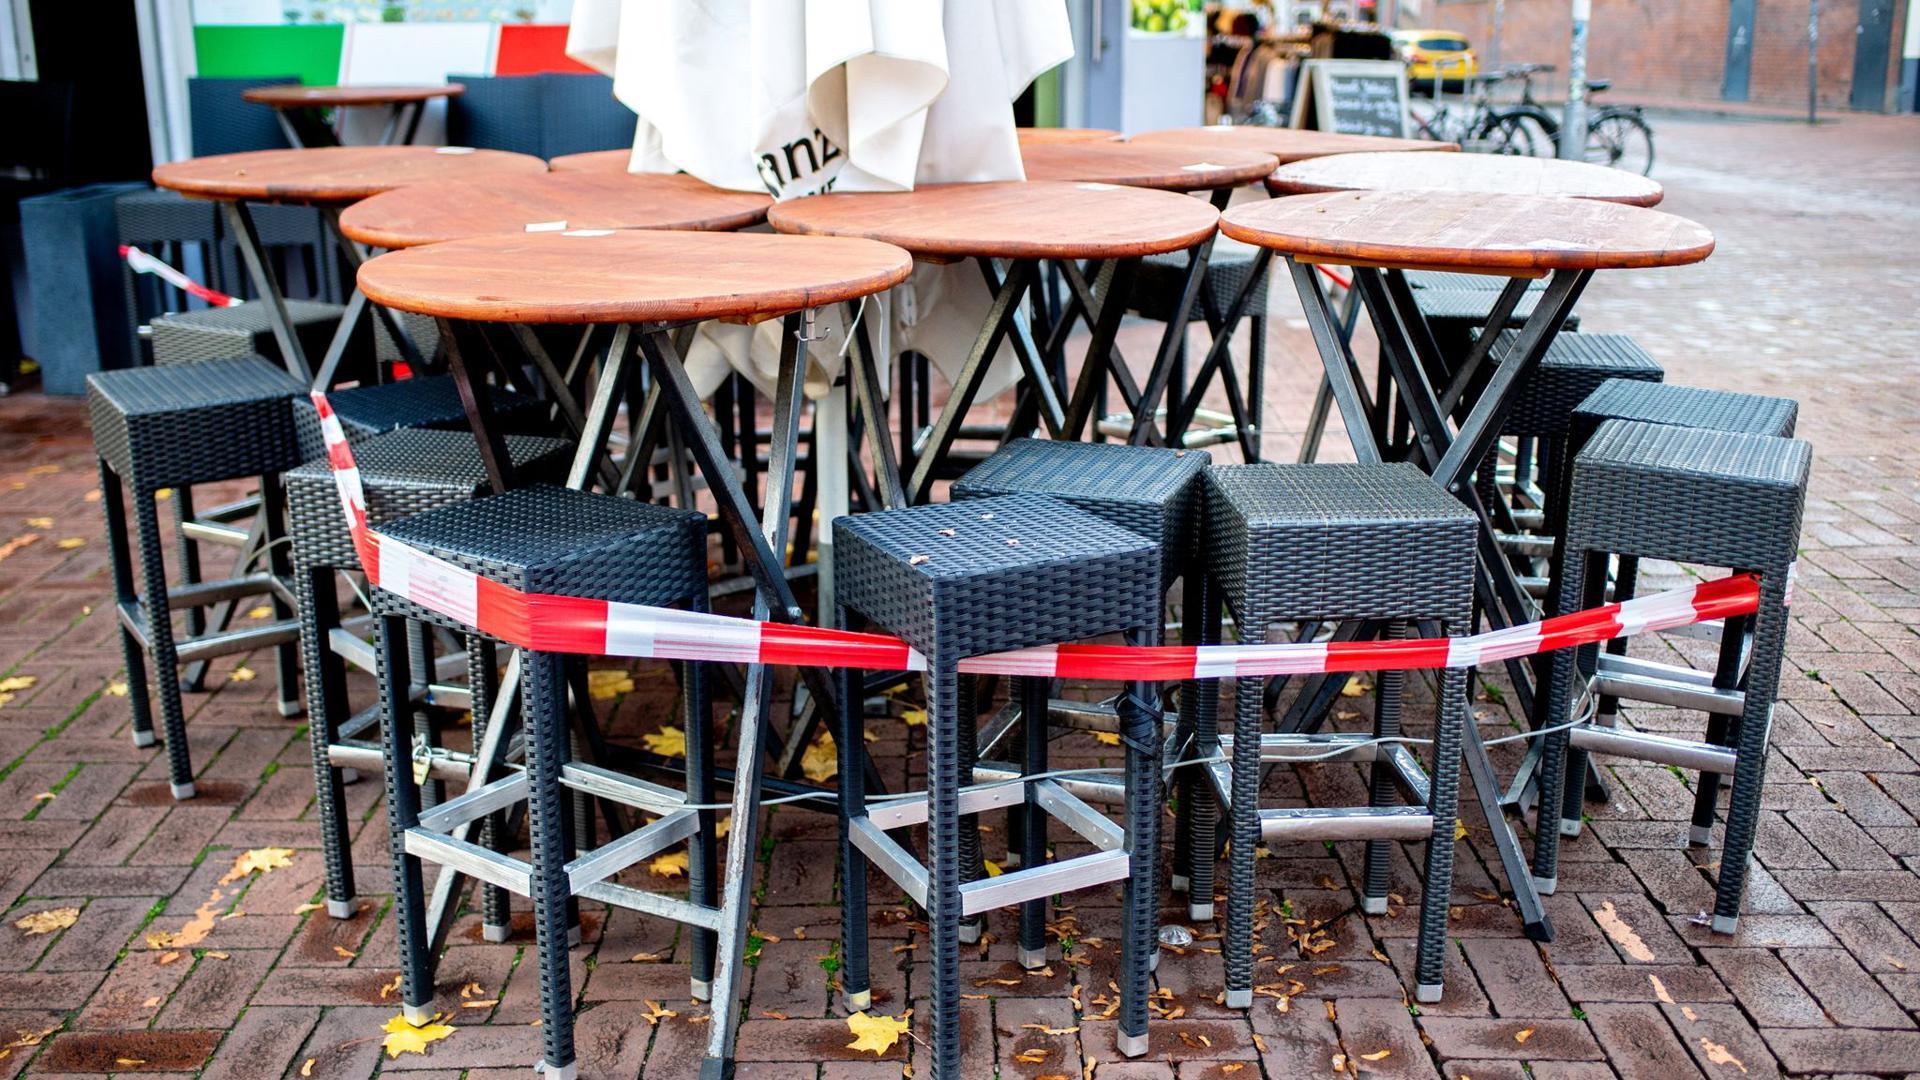 Derzeit keine Einnahmen:Mit Flatterband abgesperrte Tische und Stühle stehen vor einer Pizzeria in der Corona-Pandemie.